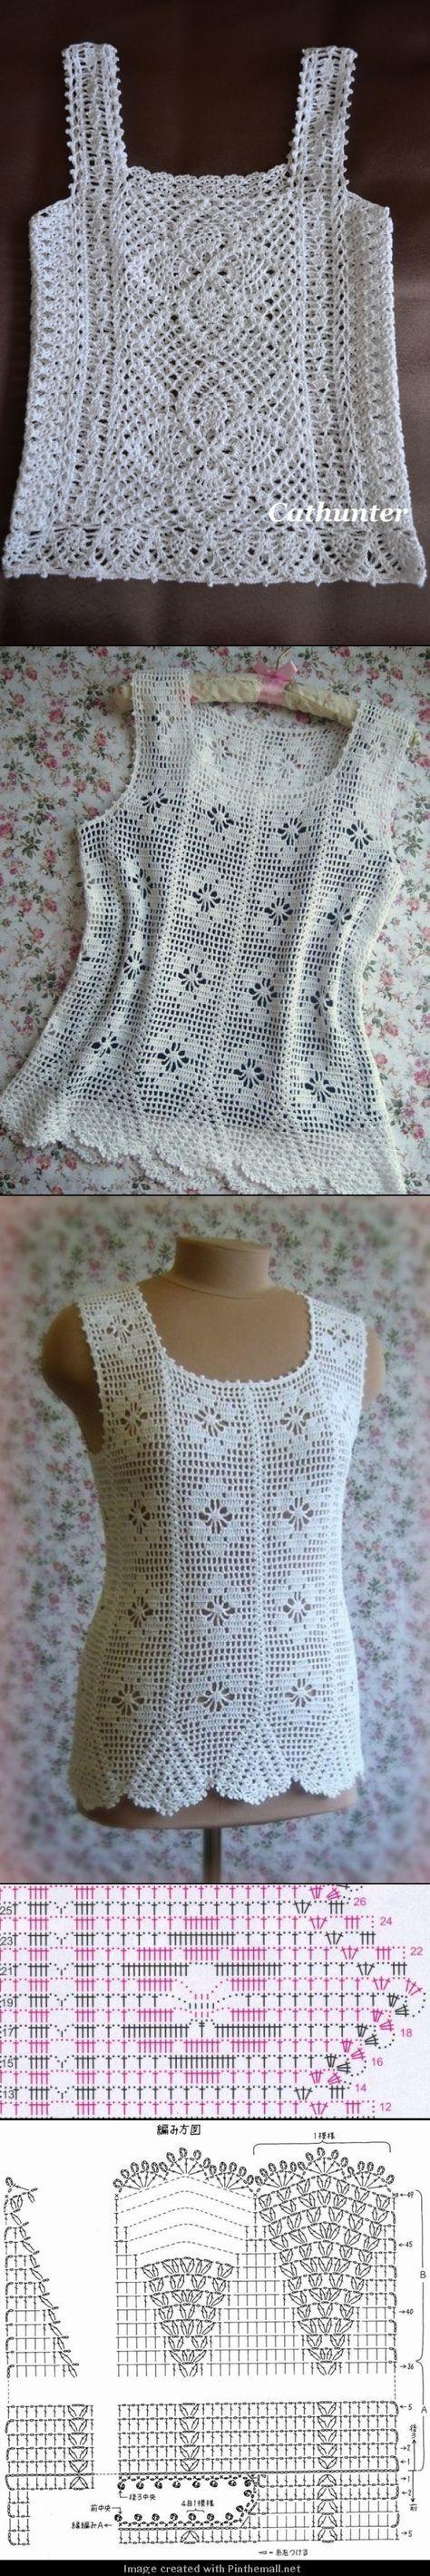 http://pinthemall.net/pin/5305b8033846d/ Handarbeiten ☼ Crafts ...